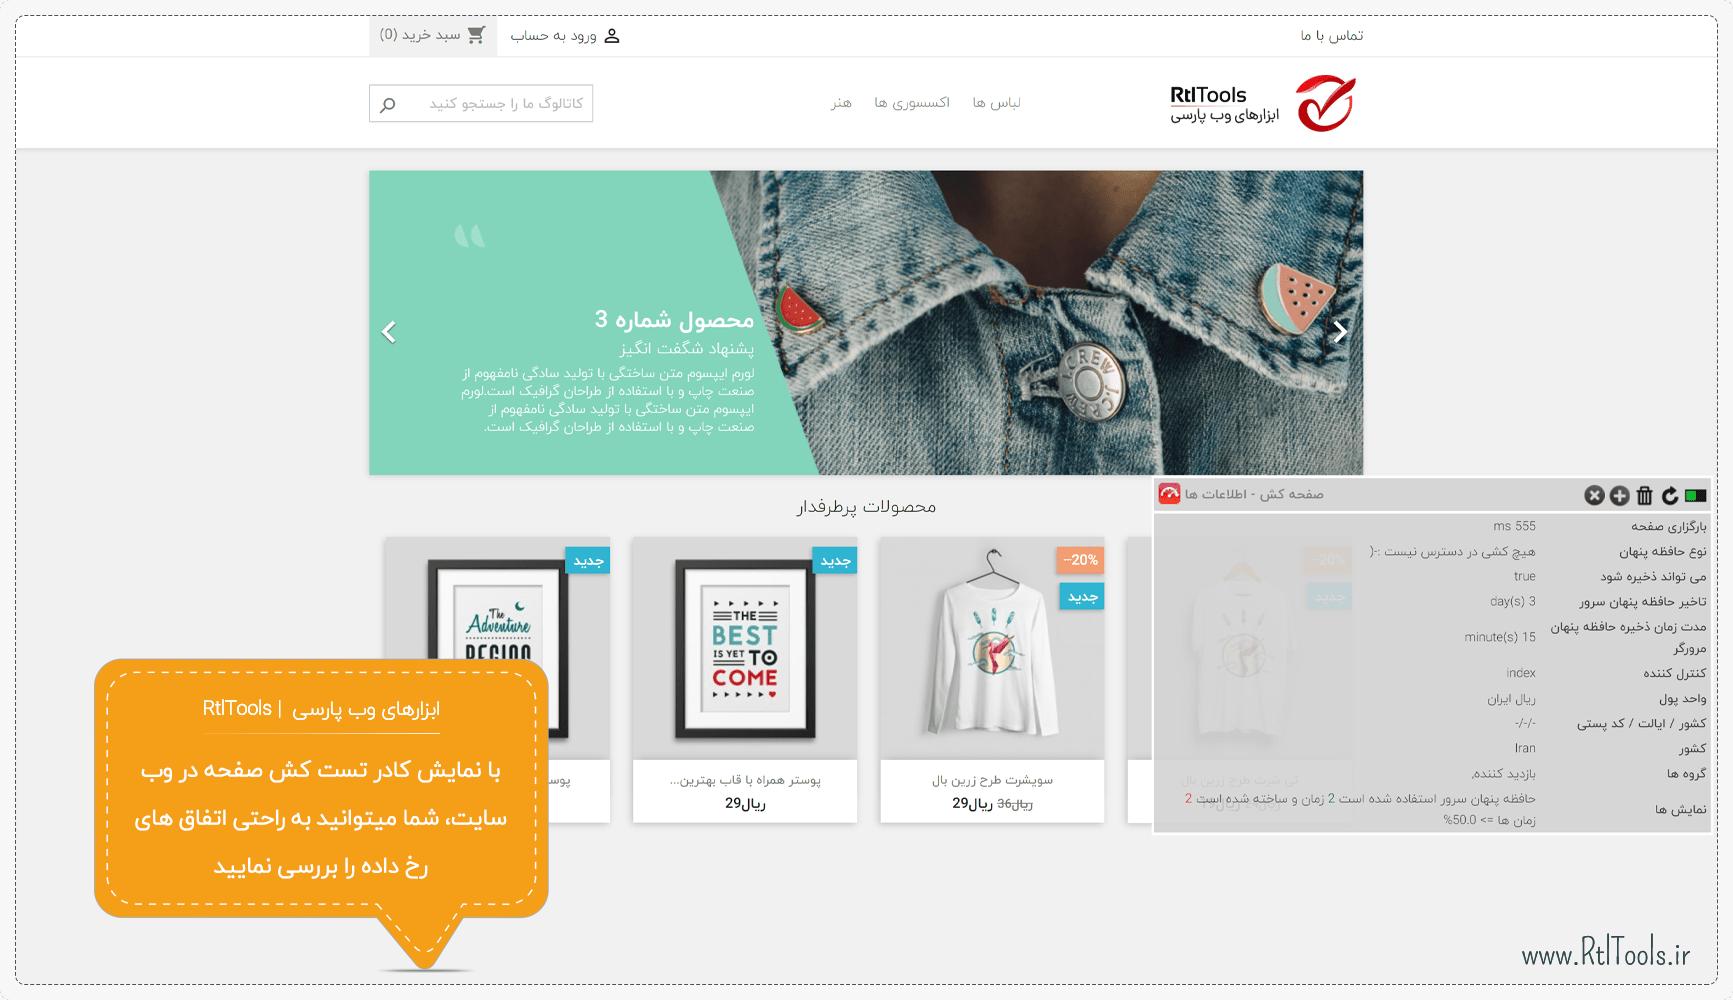 نمایش اطلاعات صفحه اصلی سایت با استفاده از ماژول کش پرستاشاپ | Page Cache Ultimate Module